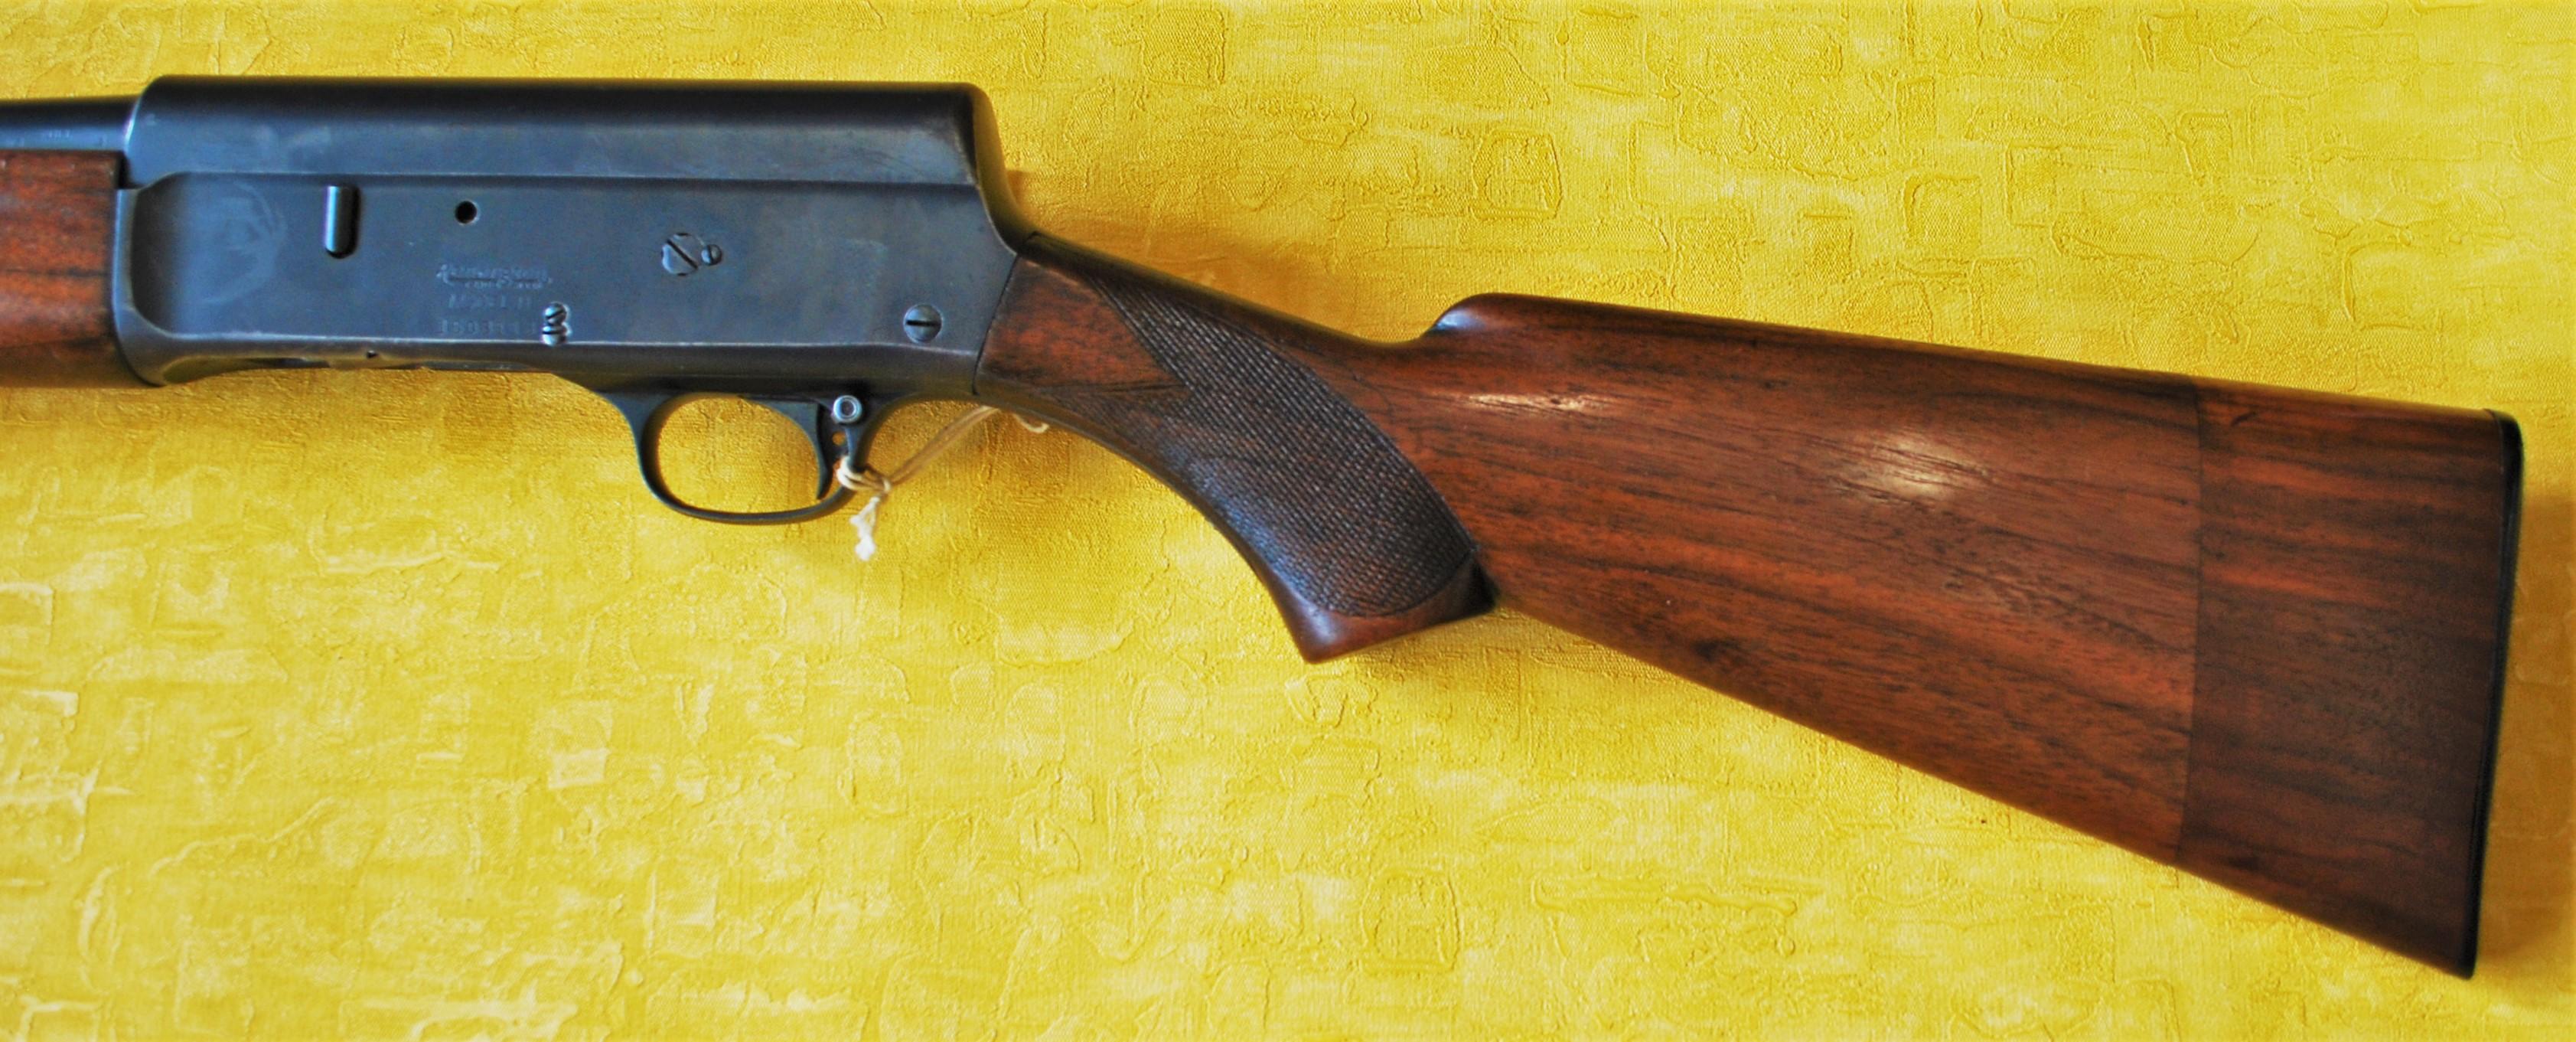 History auto shotgun remington semi The 28